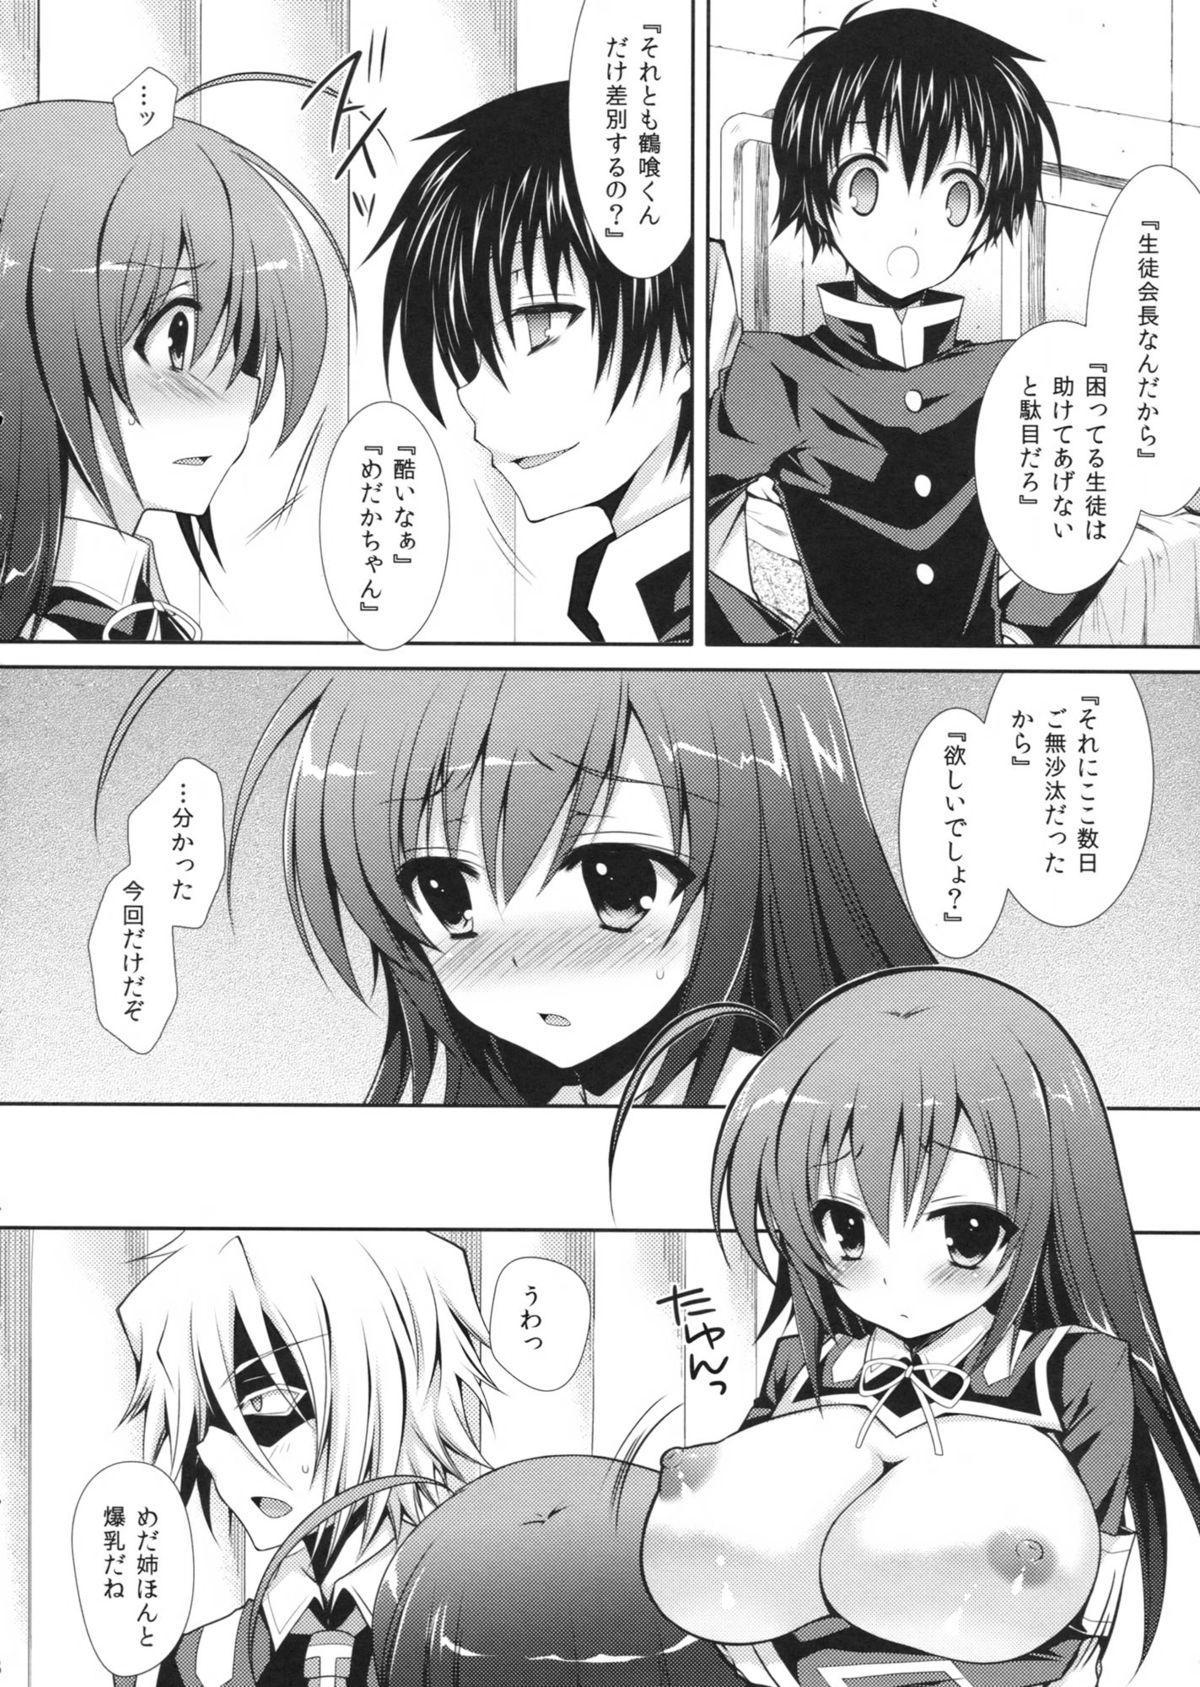 (C83) [Sugar*Berry*Syrup (Kuroe)] Medaka-chan Sakunyuu 4 ~Kumagawa-kun ni Aka-san mo Ryoujoku Sarechau Hon~ (Medaka Box) 7